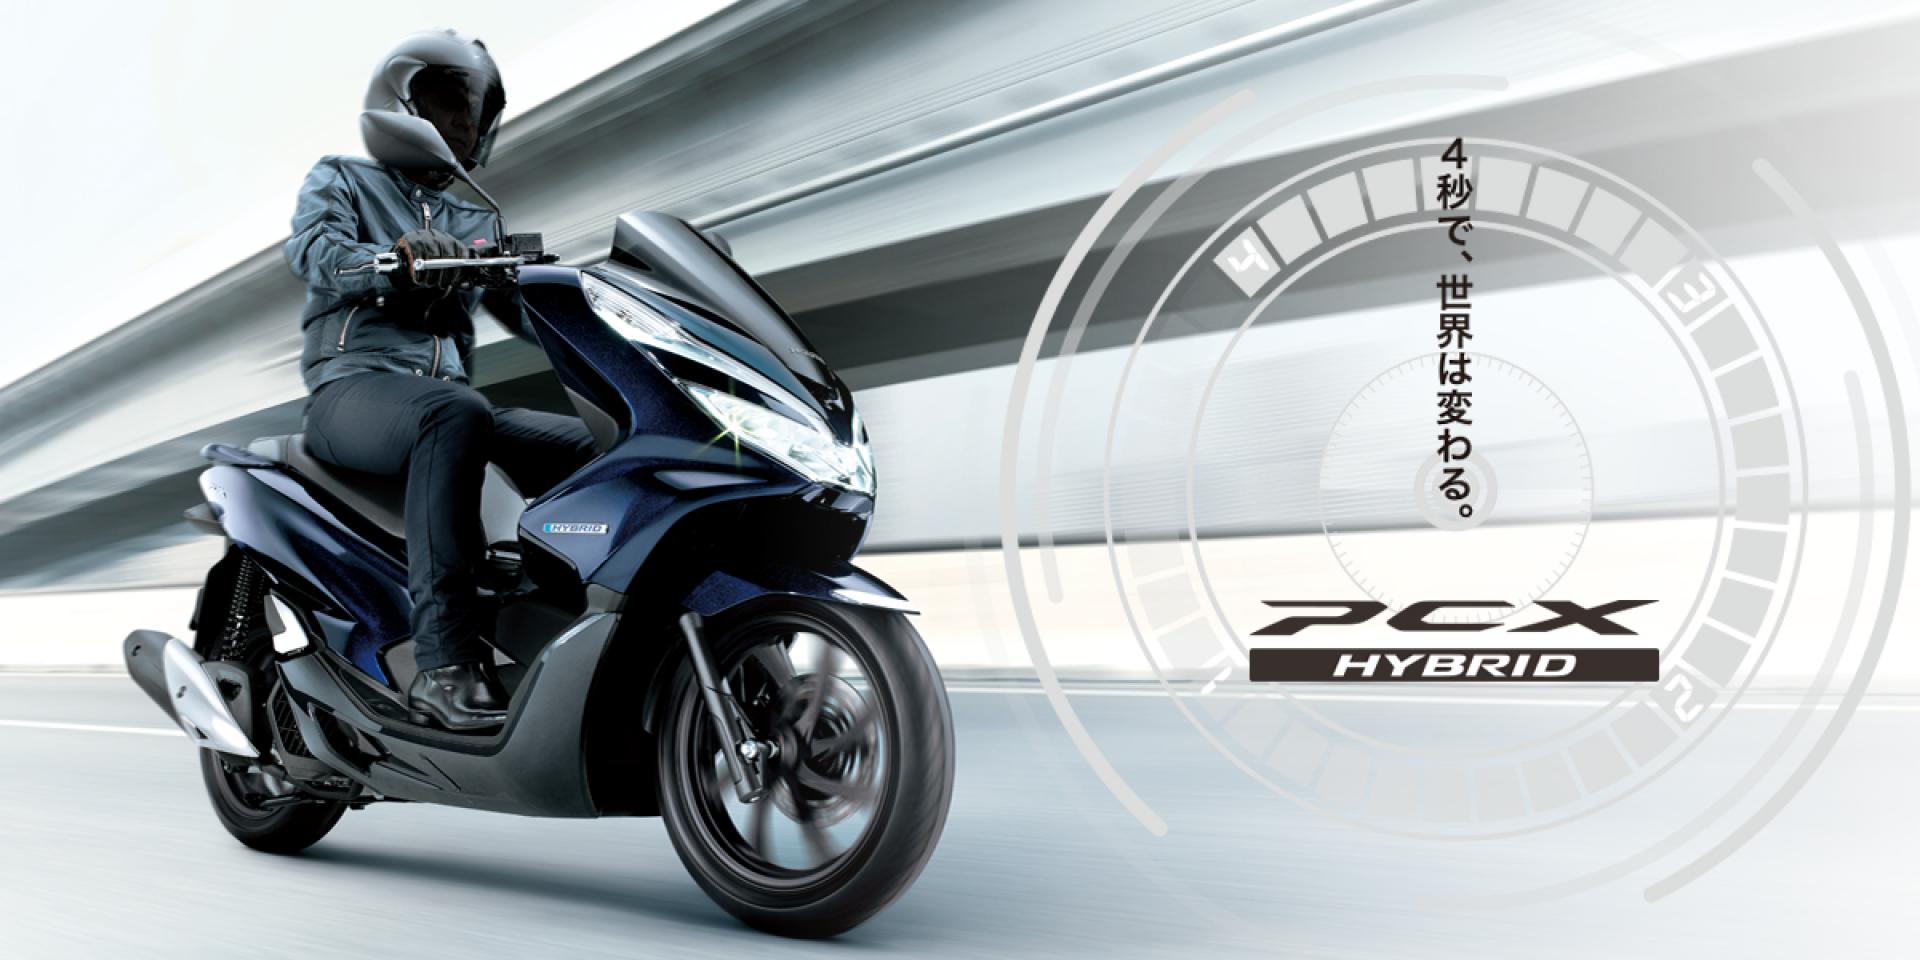 油電混合獨步全球。Honda PCX Hybrid 日本九月上市!